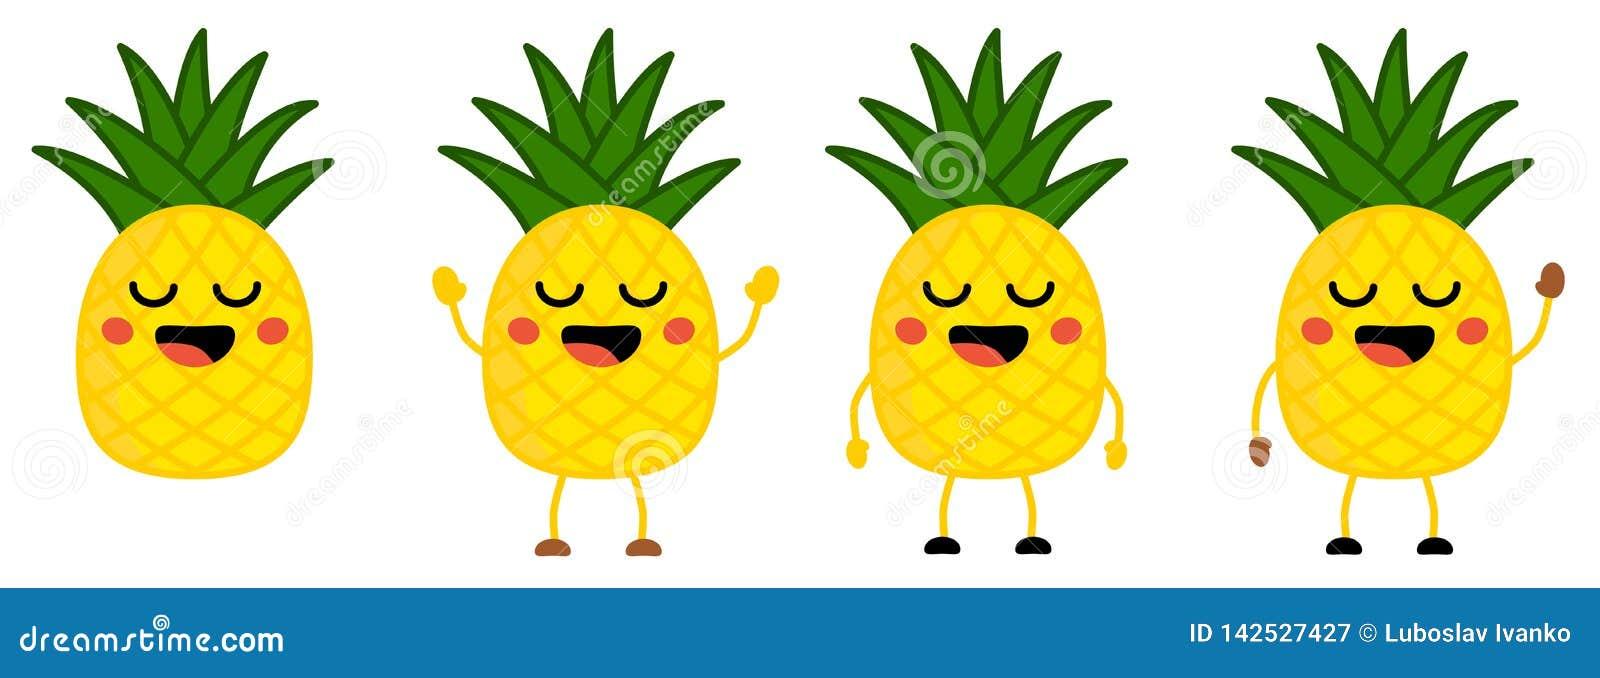 L icône mignonne de fruit d ananas de style de kawaii, yeux s est fermée, souriant avec la bouche ouverte Version avec des mains